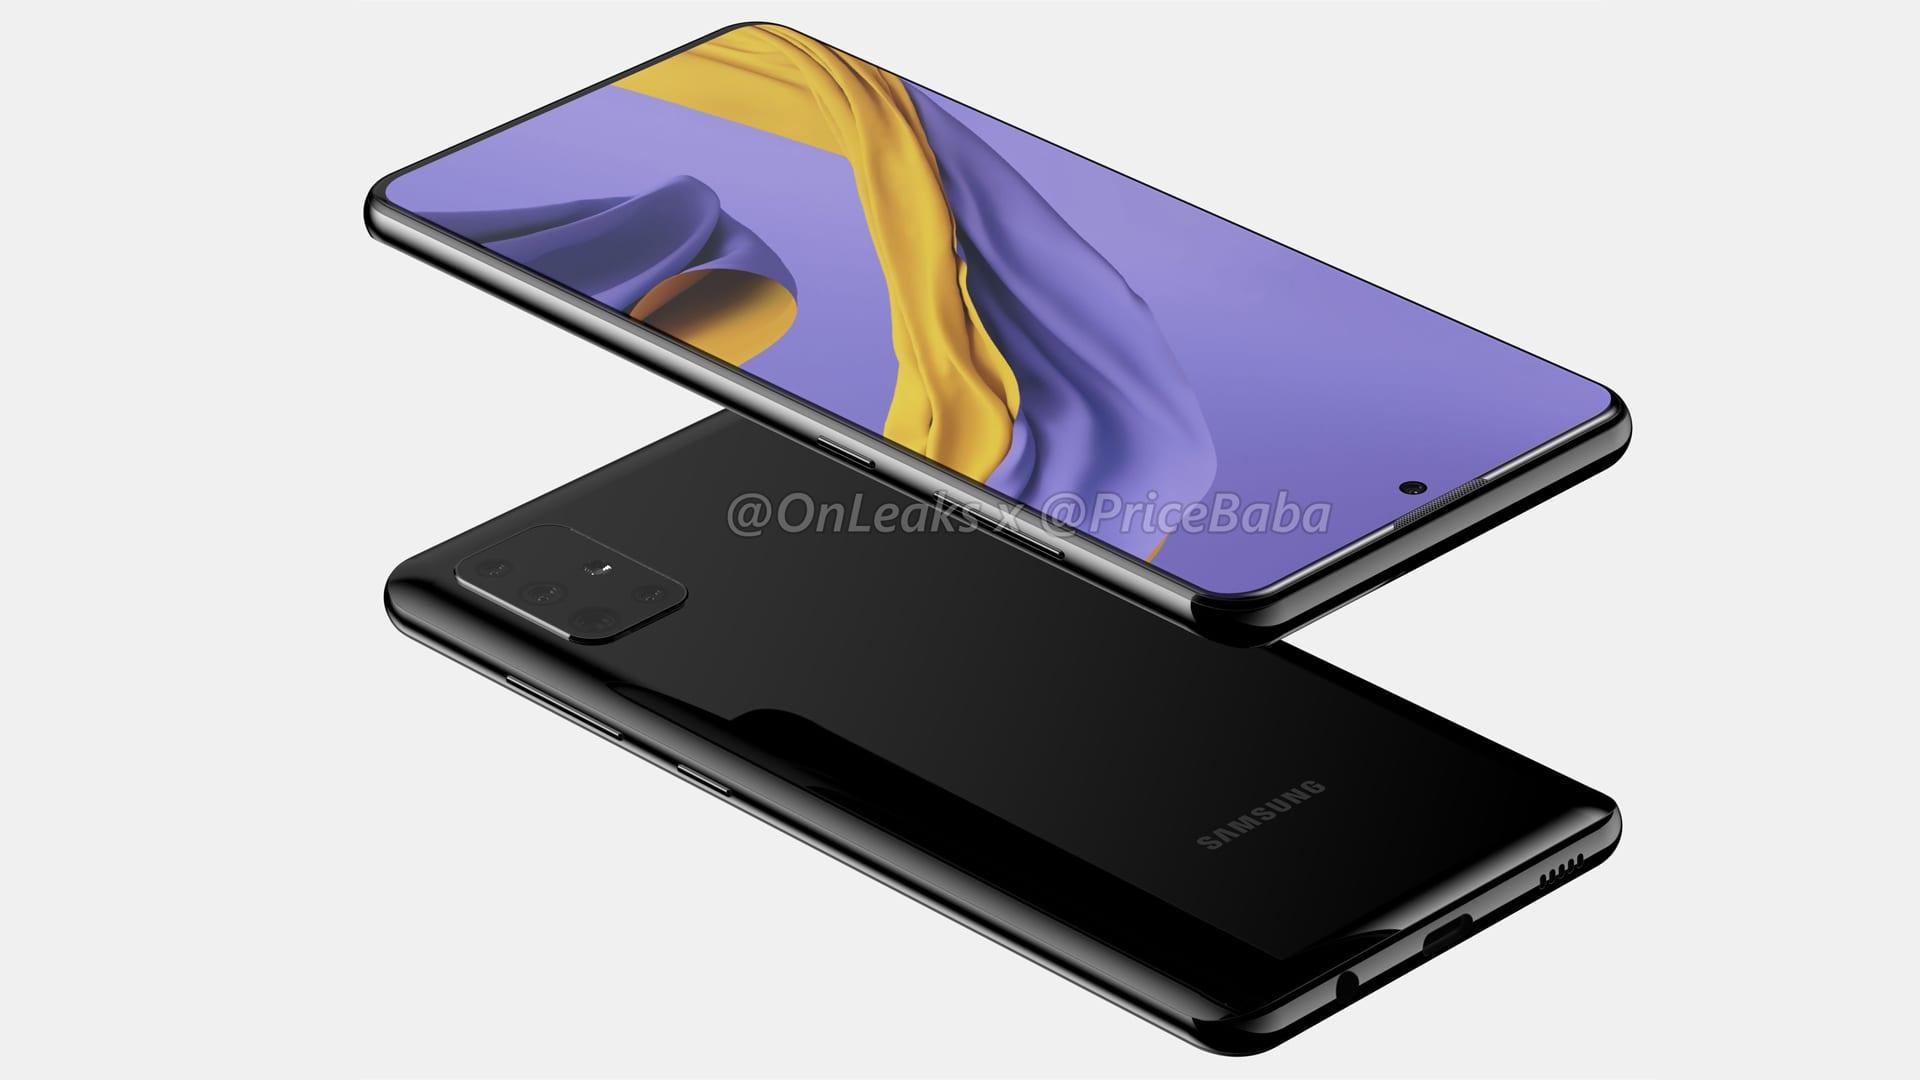 تسريبات إعلامية مصورة تستعرض التصميم المتوقع لهاتف سامسونج القادم Galaxy A51